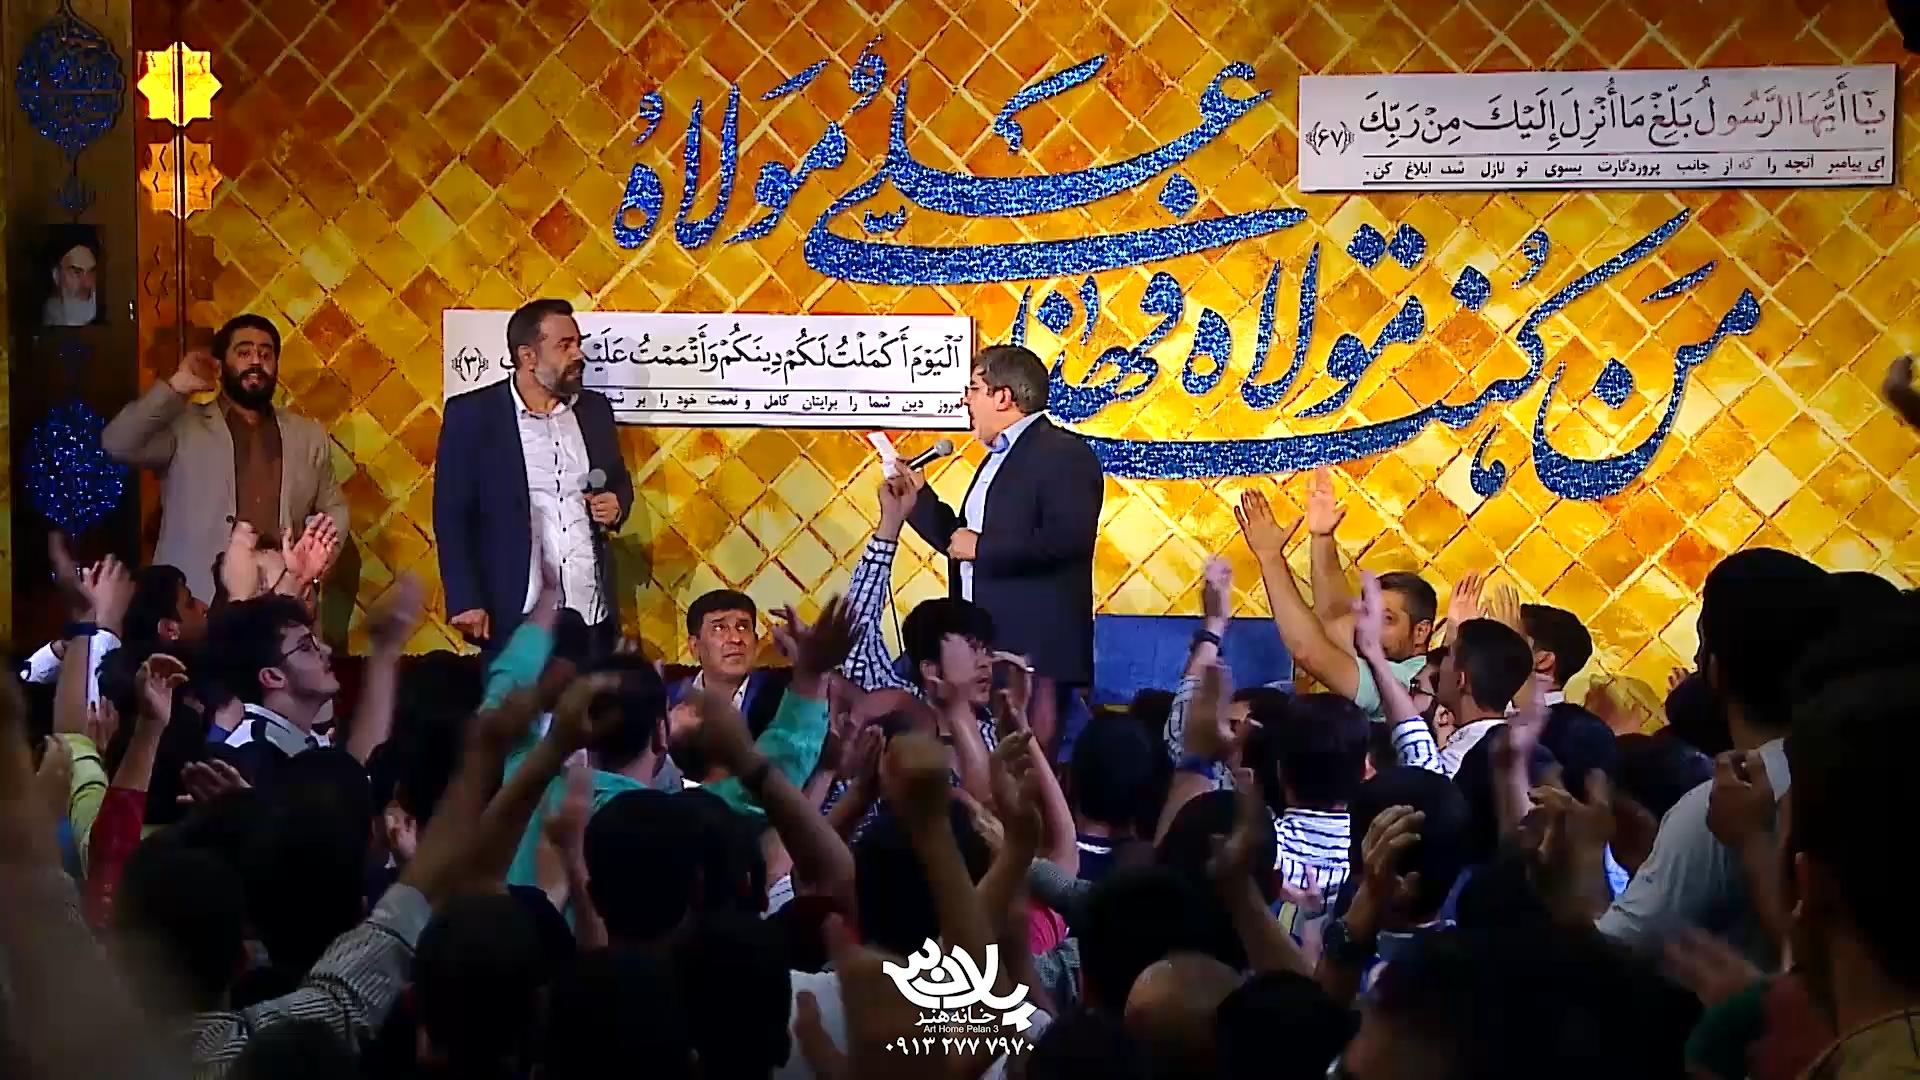 بارون نجف محمود کریمی